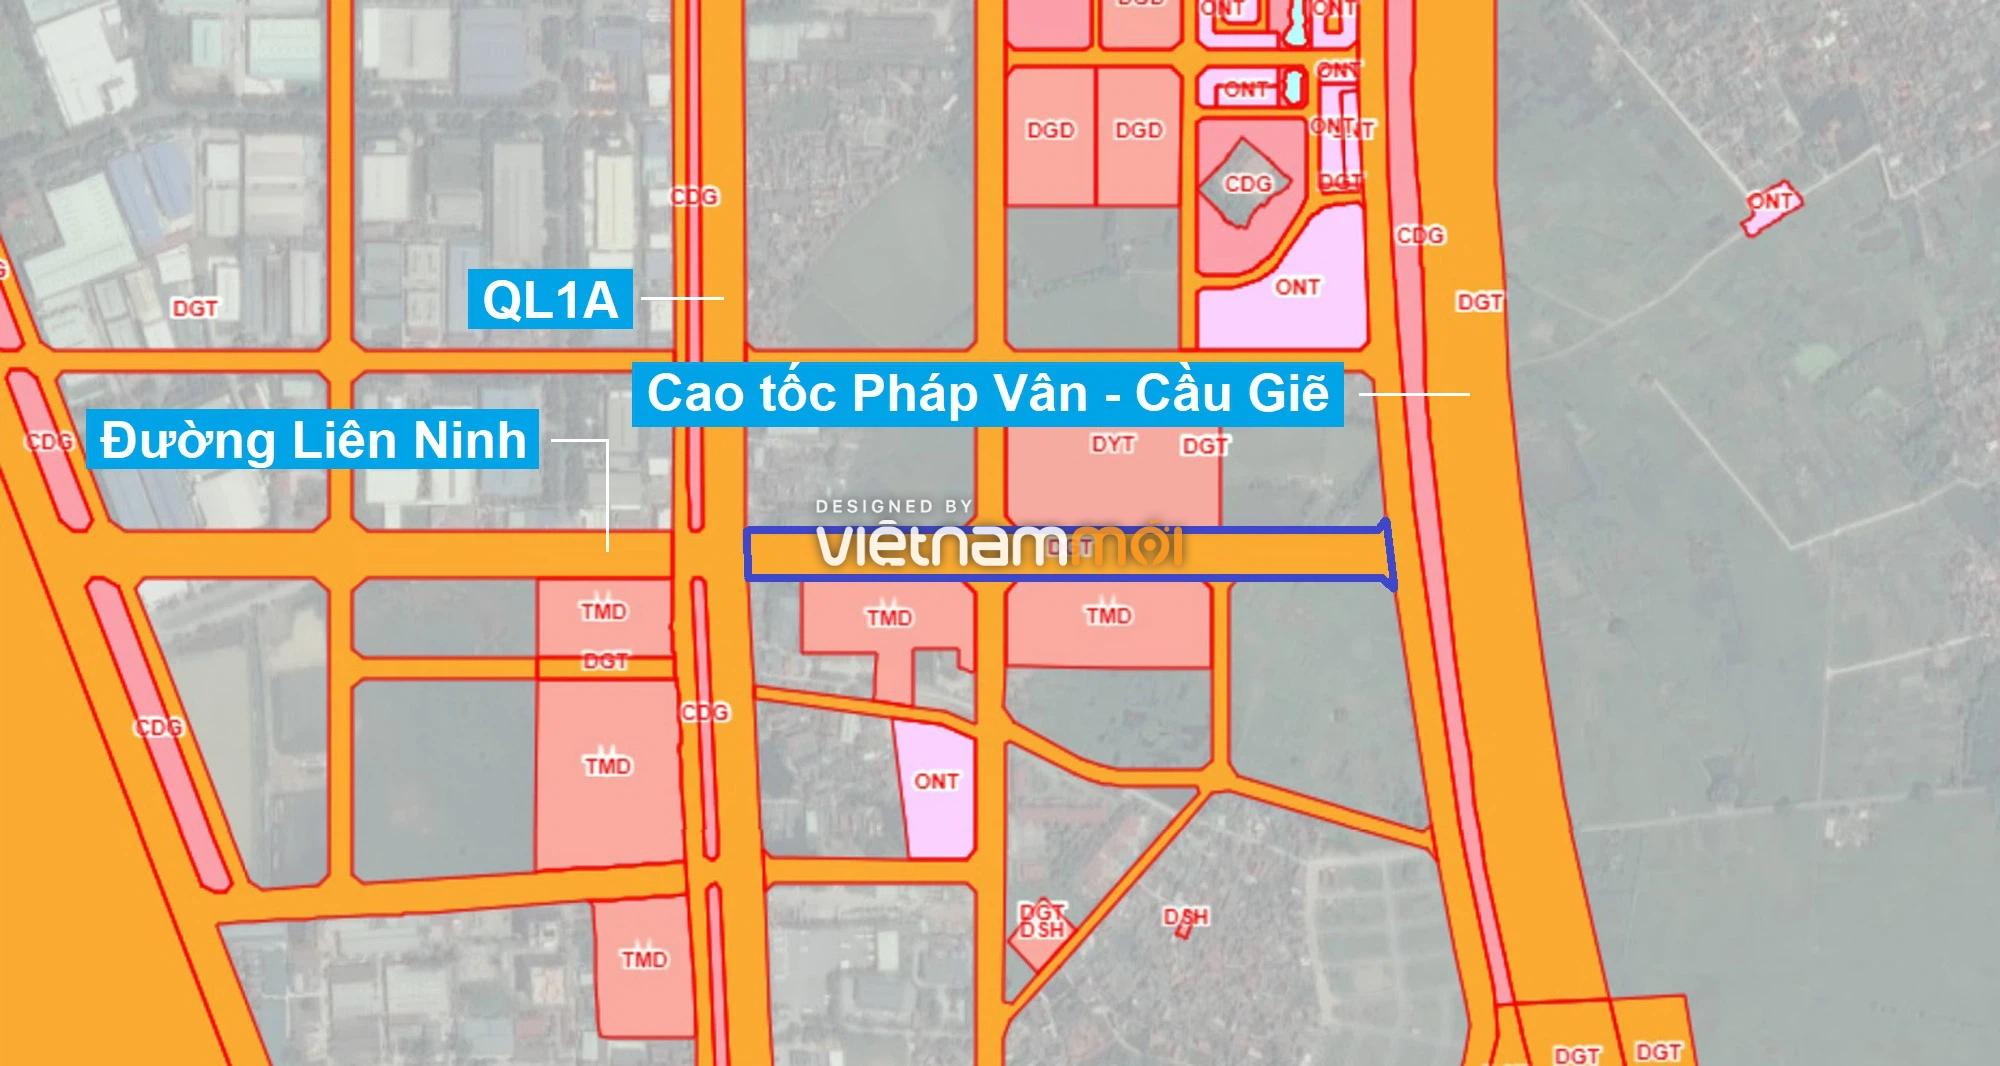 Những khu đất sắp thu hồi để mở đường ở xã Liên Ninh, Thanh Trì, Hà Nội (phần 1) - Ảnh 1.